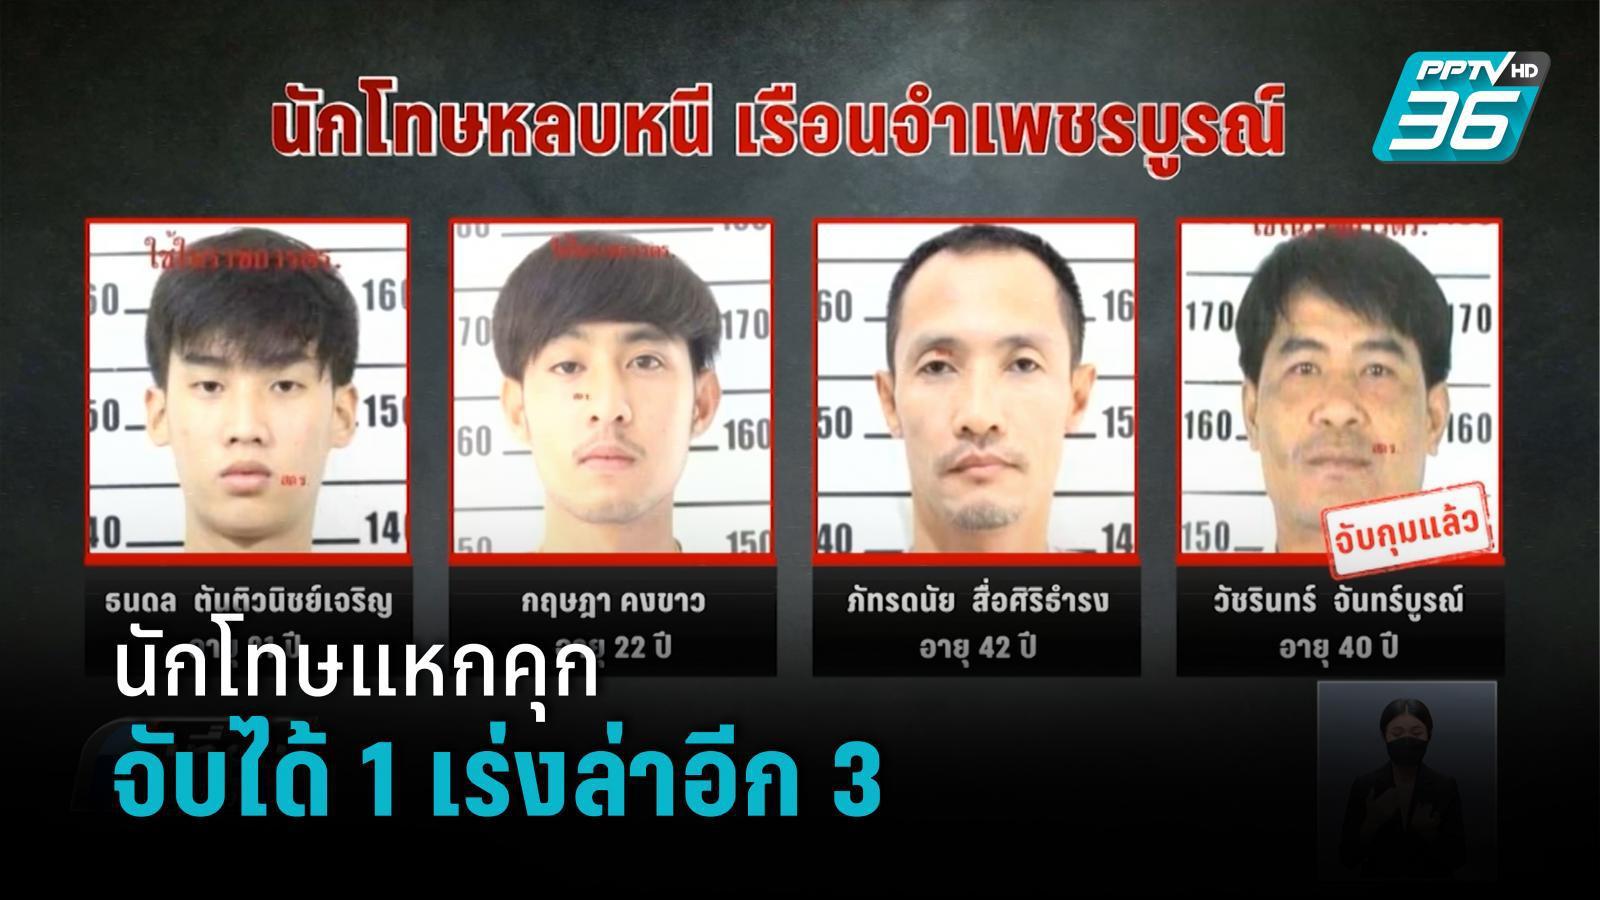 นักโทษแหกคุกเรือนจำเพชรบูรณ์ จับได้แล้ว 1 เร่งล่าตัวอีก 3